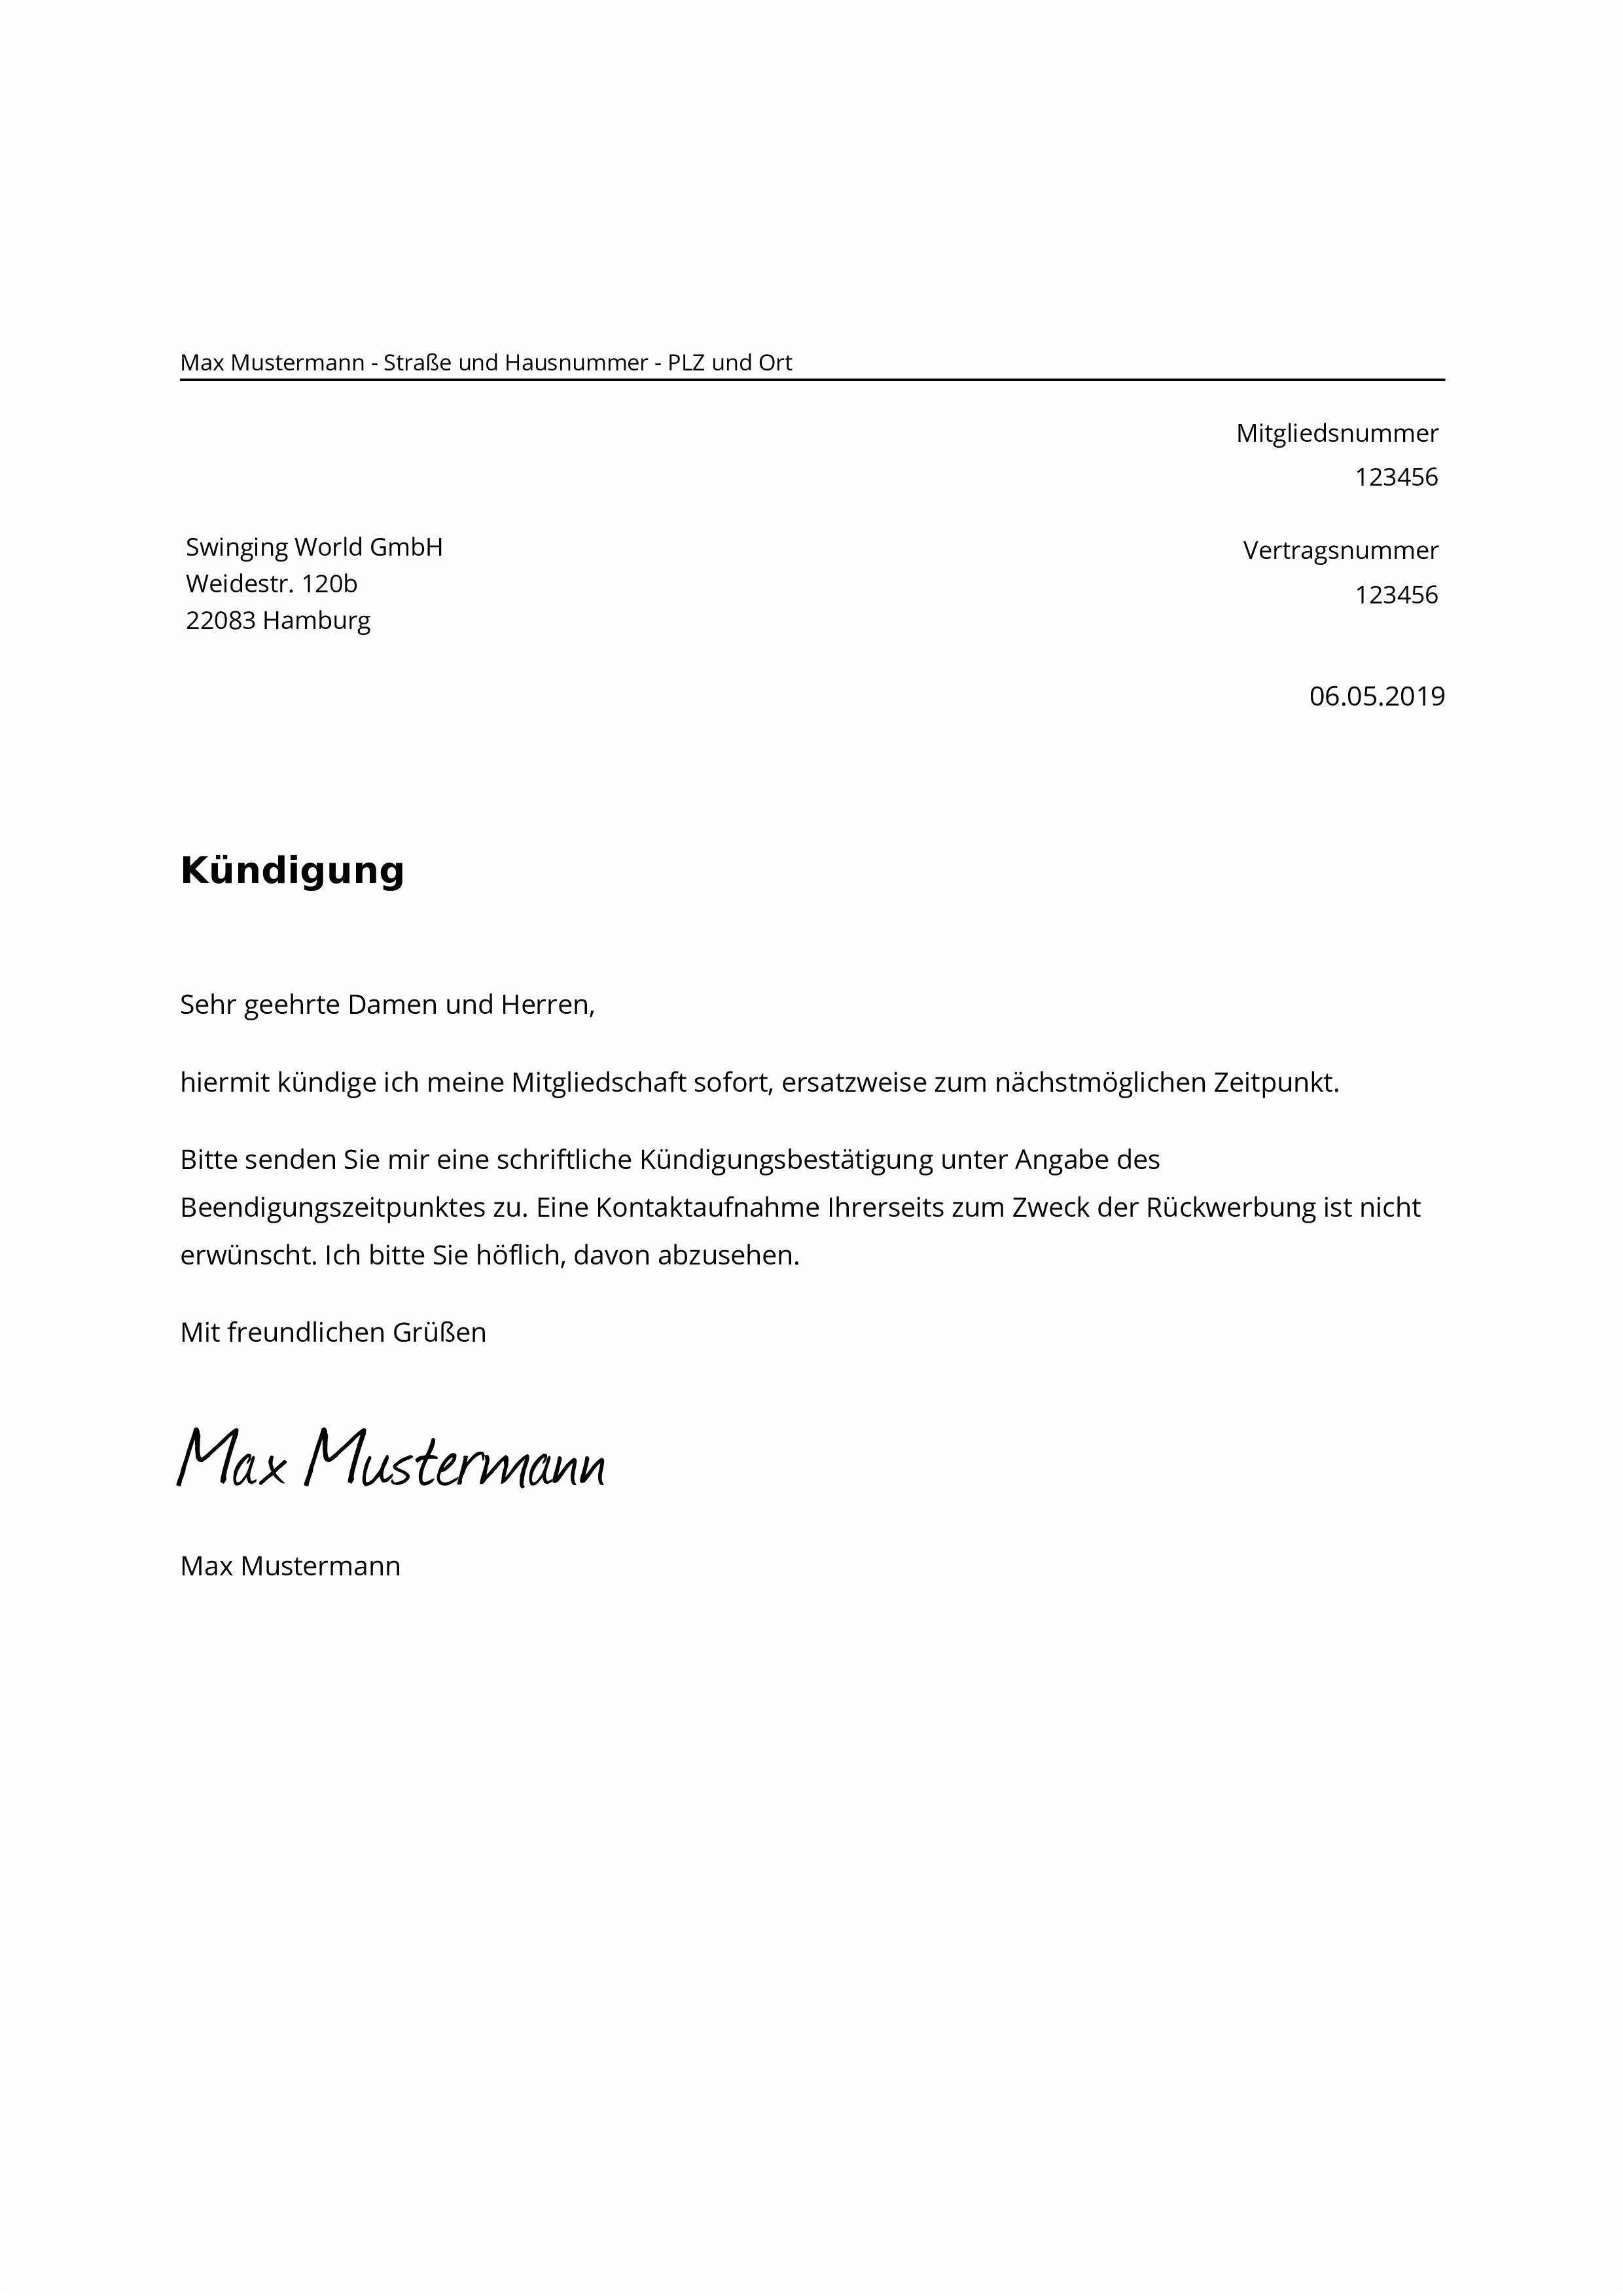 Qualifiziert Hausarztvertrag Kundigen Vorlage In 2020 Vorlagen Lebenslauf Kundigung Lebenslauf